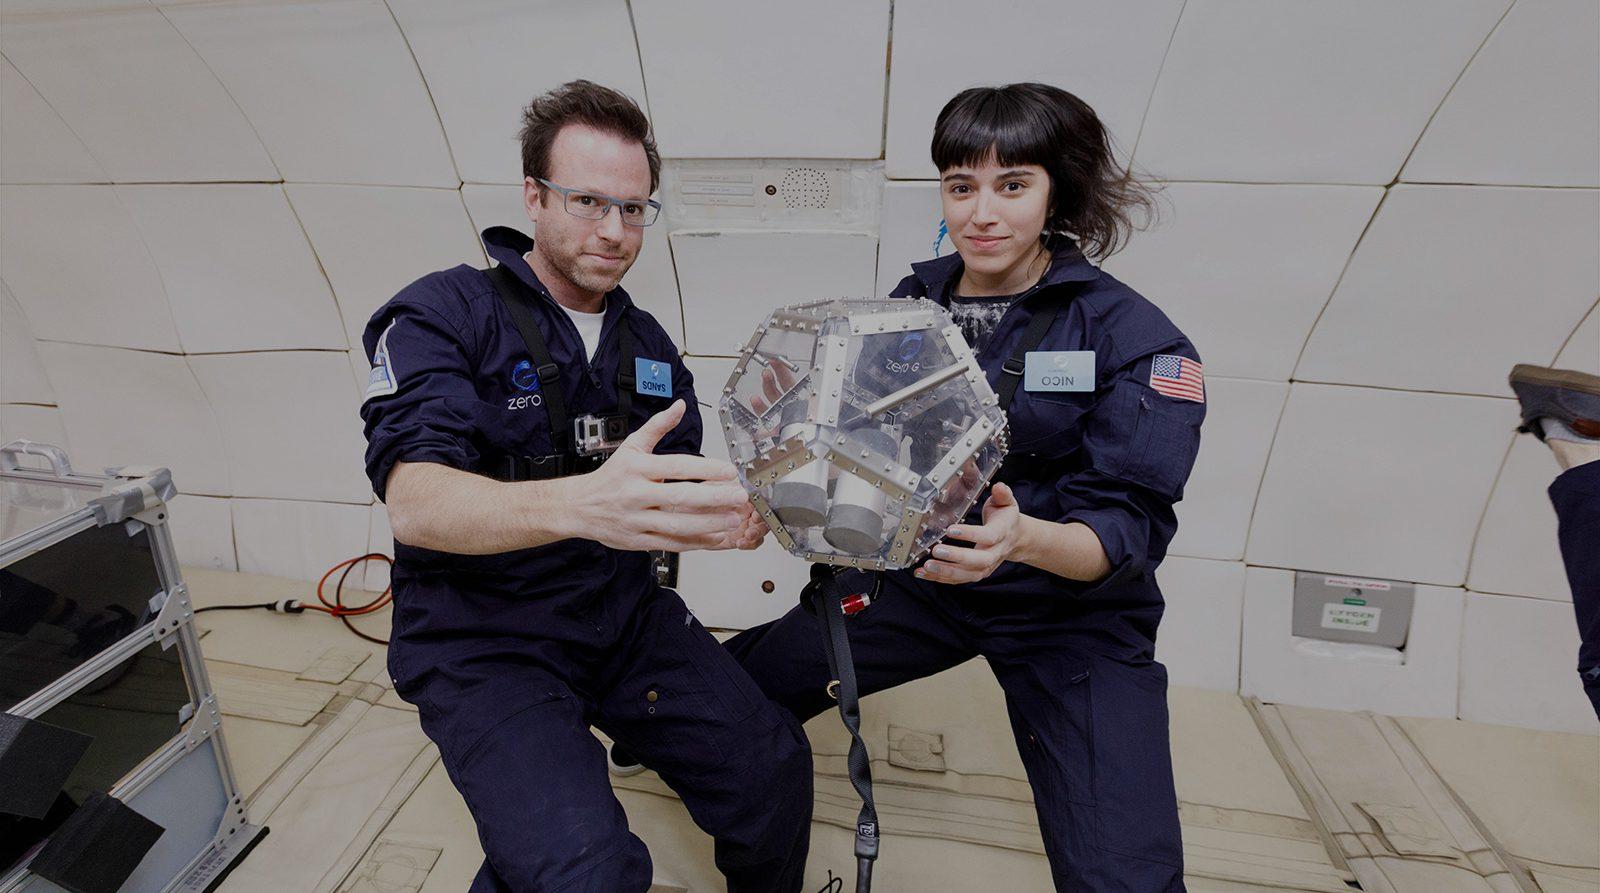 En apesanteur avec les chercheurs qui inventent des instruments de musique spatiaux